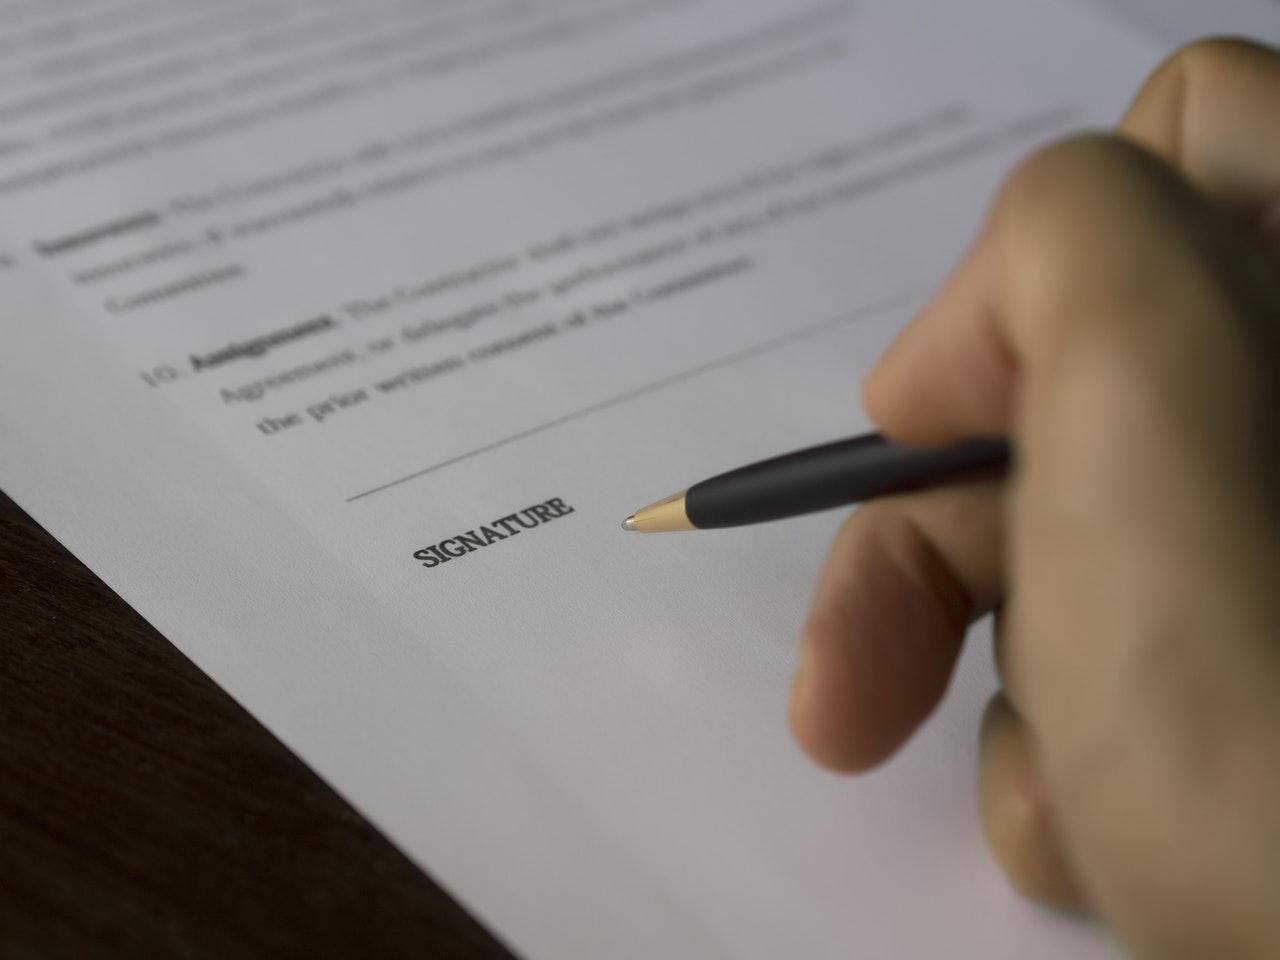 定款の事業目的を作成する際のポイントを分かり易く解説